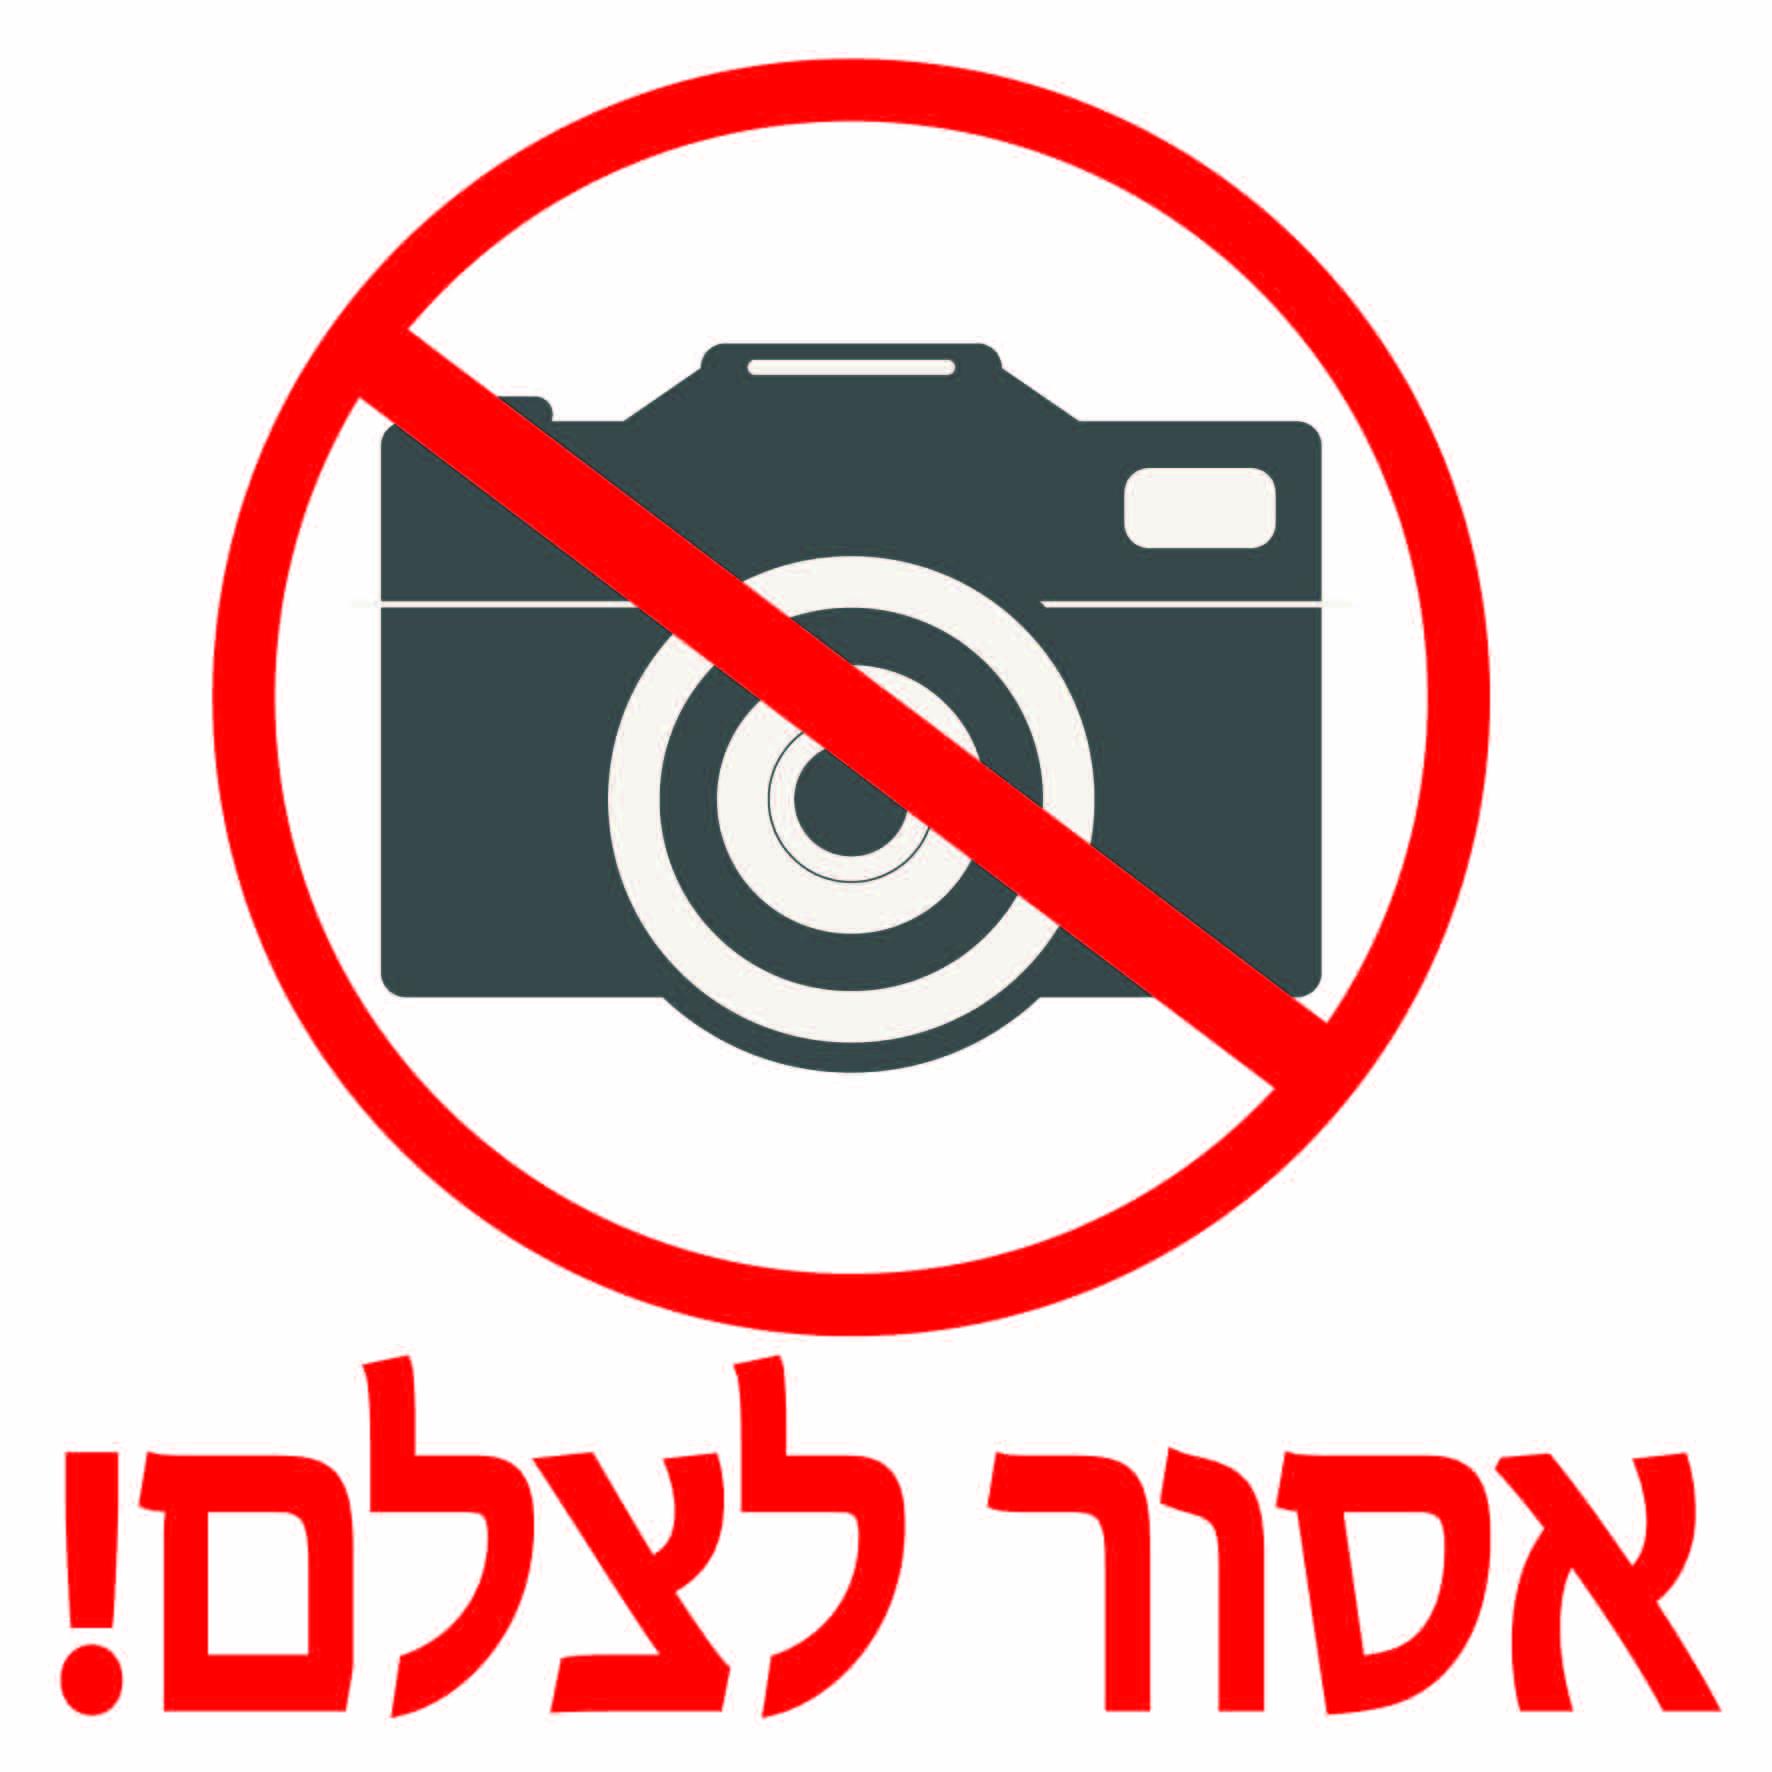 שלט אסור לצלם גדלים לפי דרישה